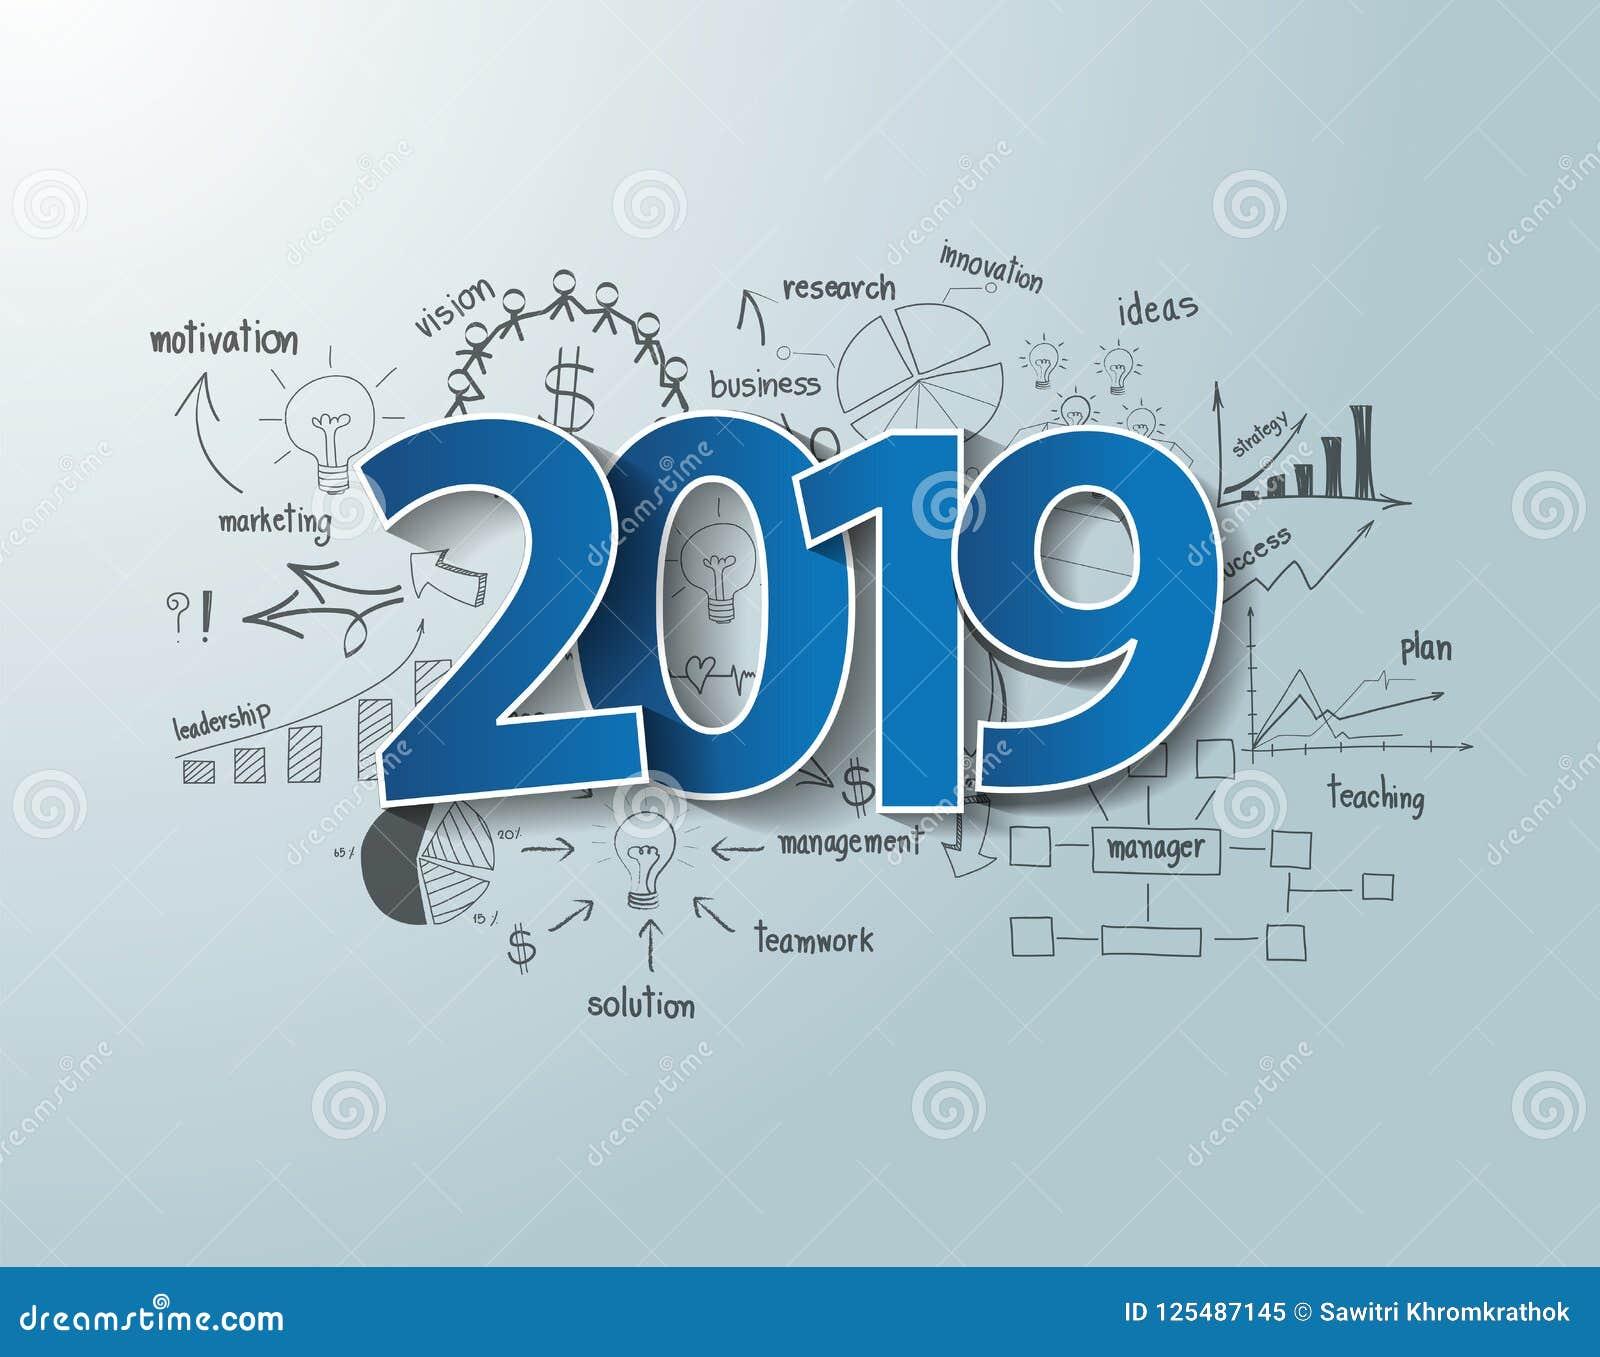 Diseño azul del texto de la etiqueta 2019 de las etiquetas en cartas y gráficos del dibujo del pensamiento creativo